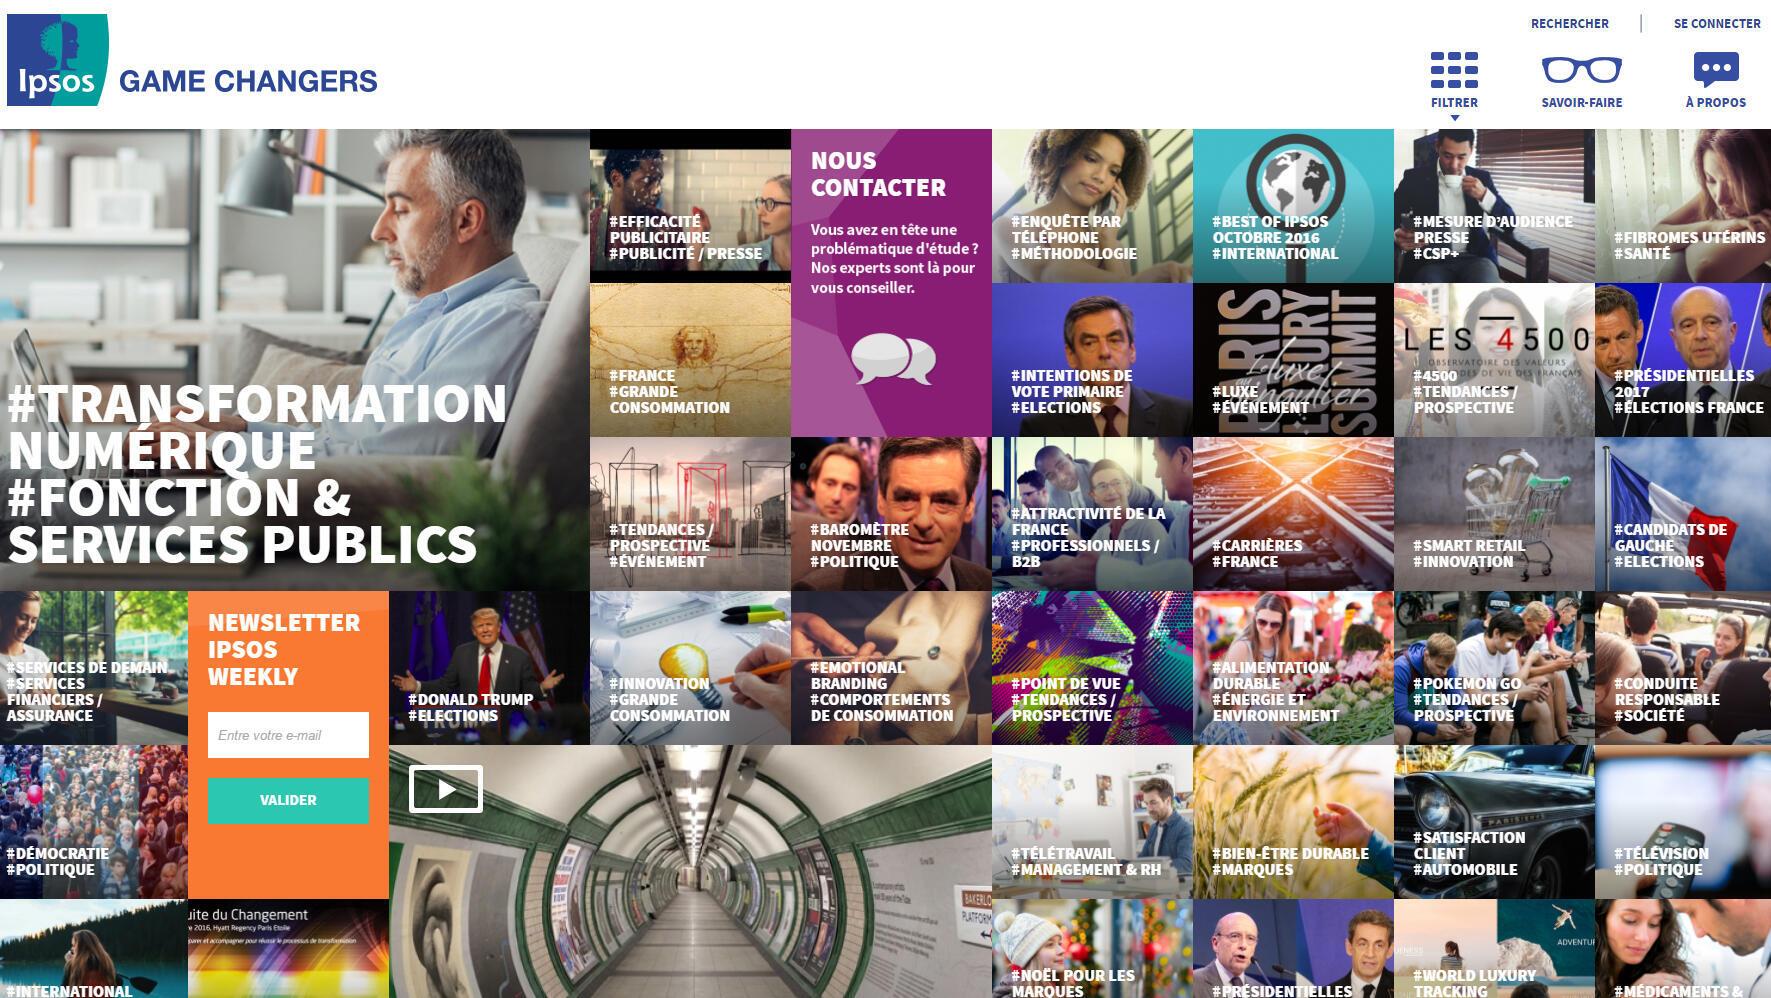 Henri Wallard, directeur général délégué d'IPSOS, évoque par exemple des algorithmes, les données « déstructurées », l'analyse des visages, des photos, des vidéos postées sur le web.